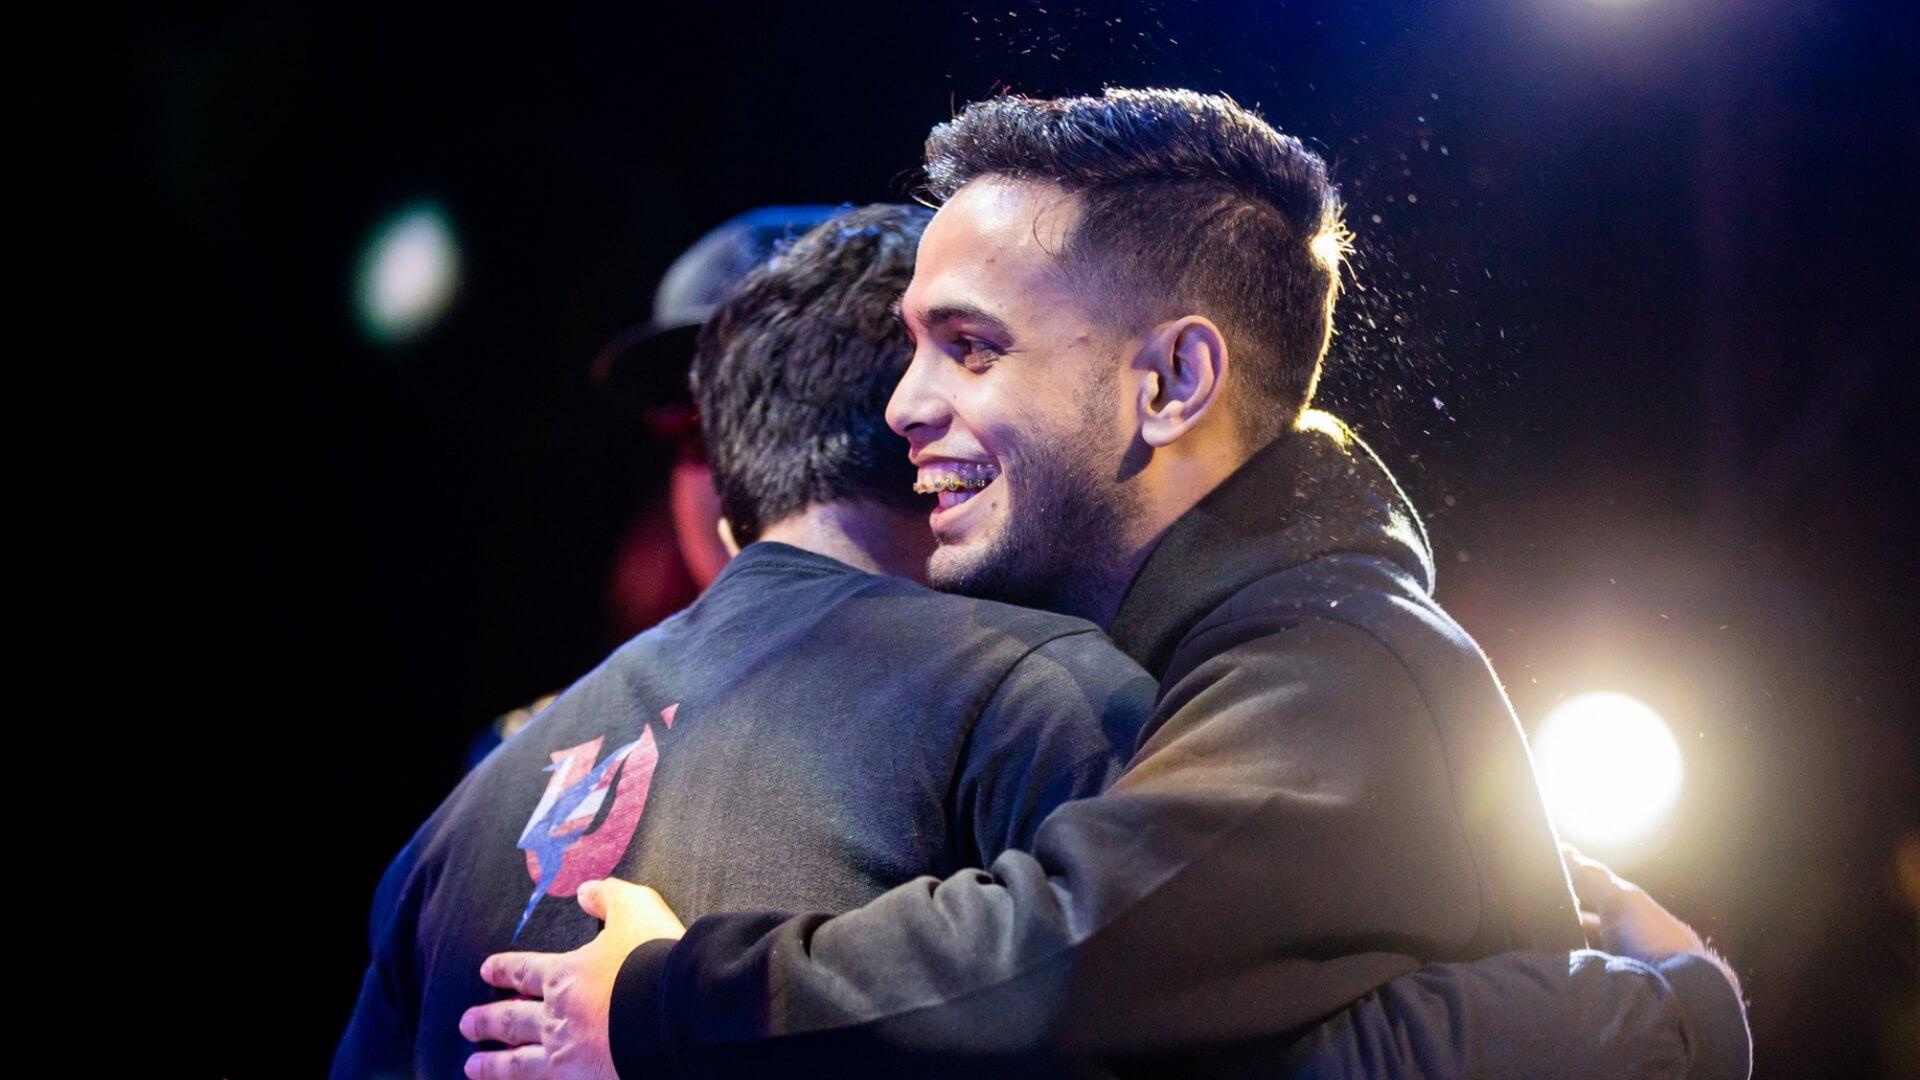 Bilal Ilyas holds Reddit AMA